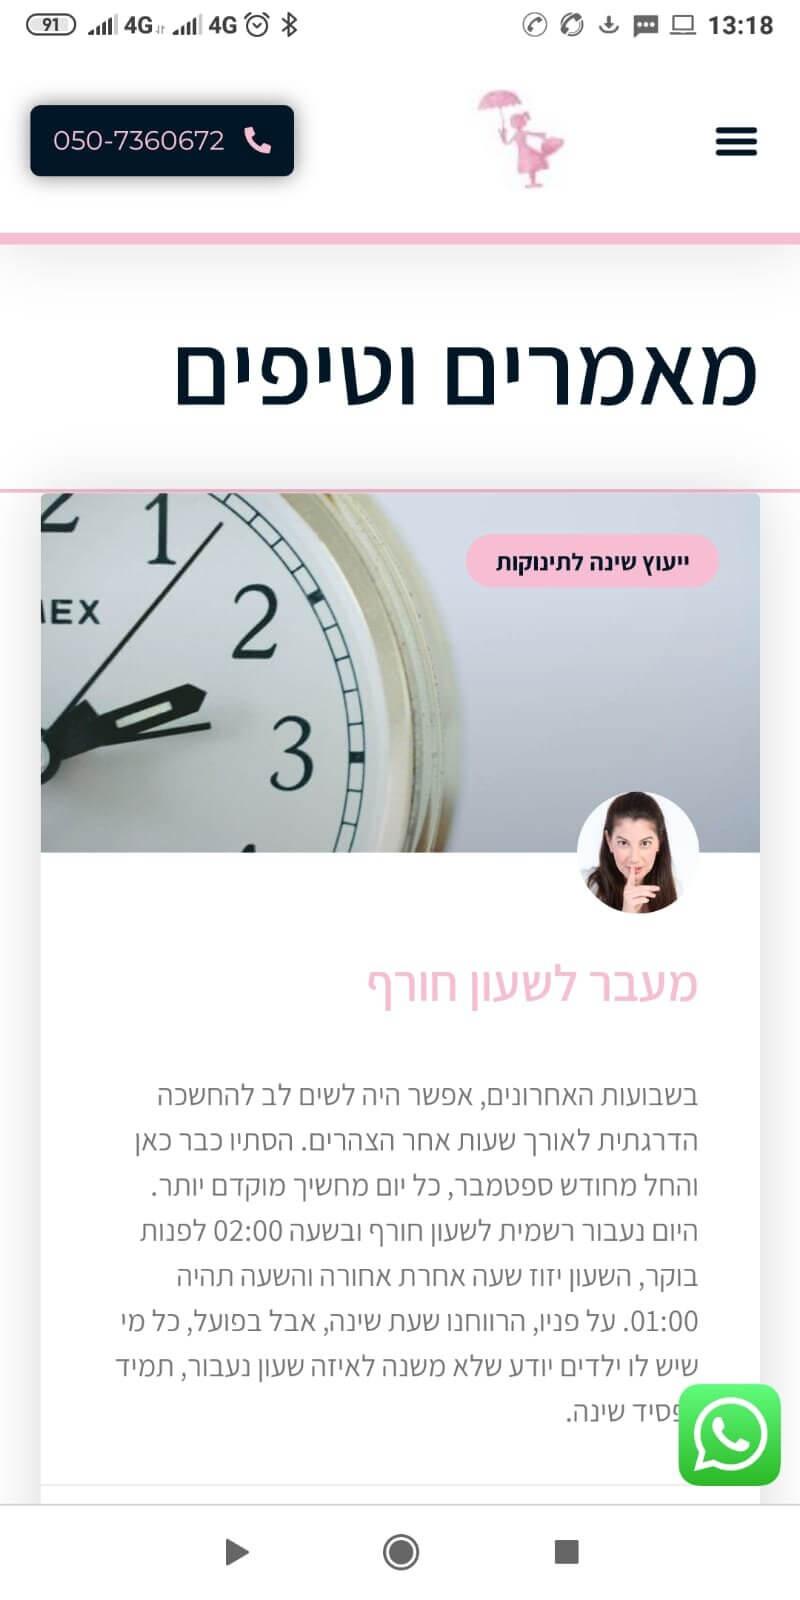 מאמר מהנייד (2)